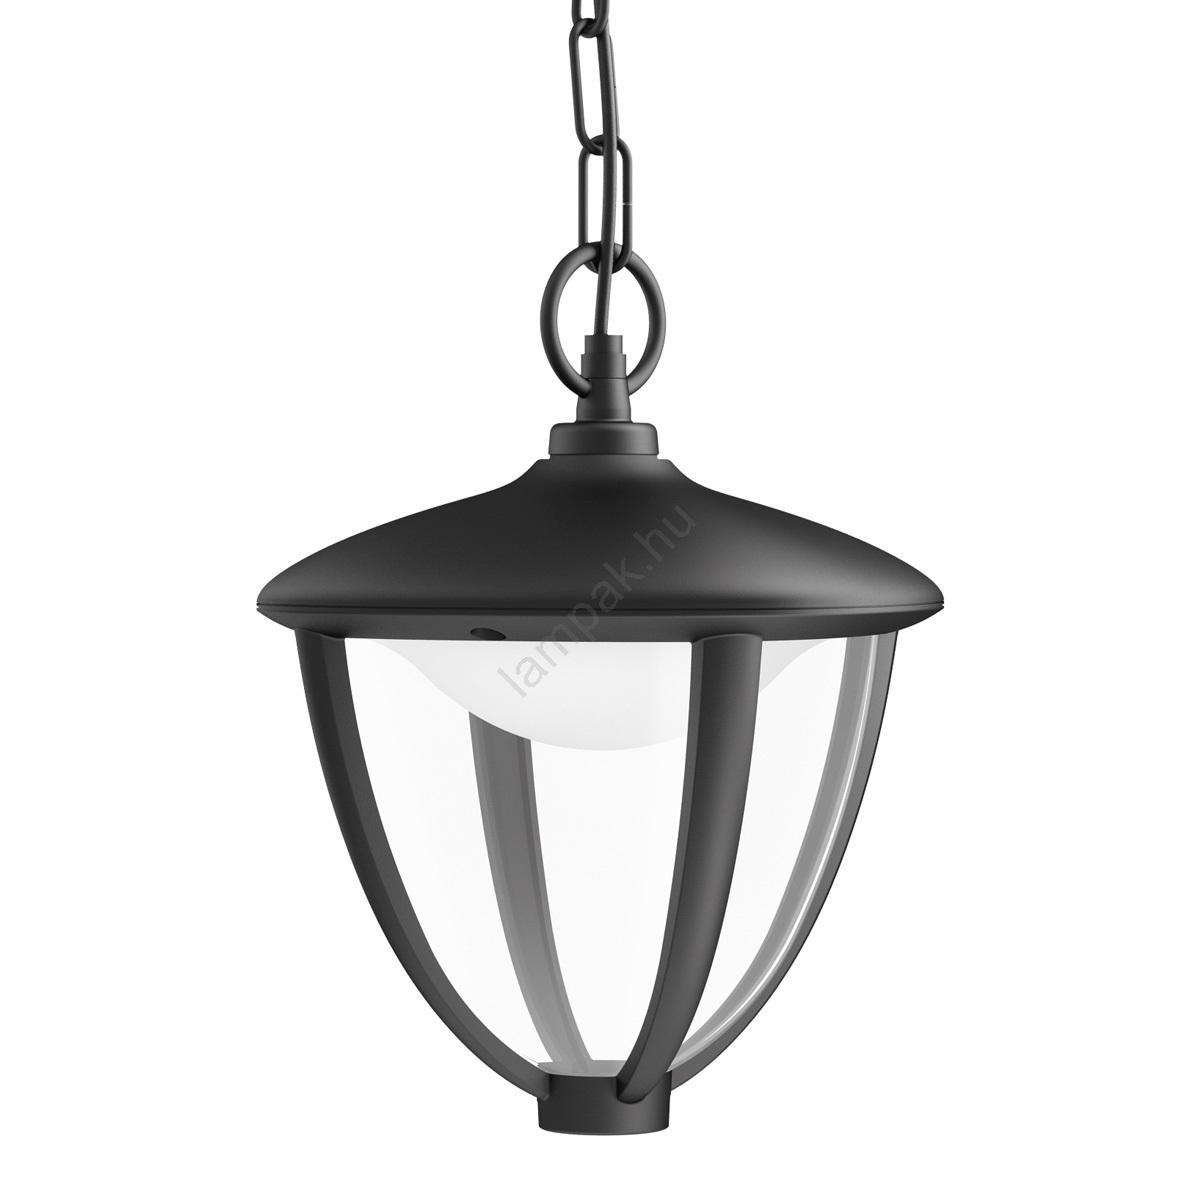 kültéri függőlámpák Kültéri lámpák LED Lámpák, LED világ